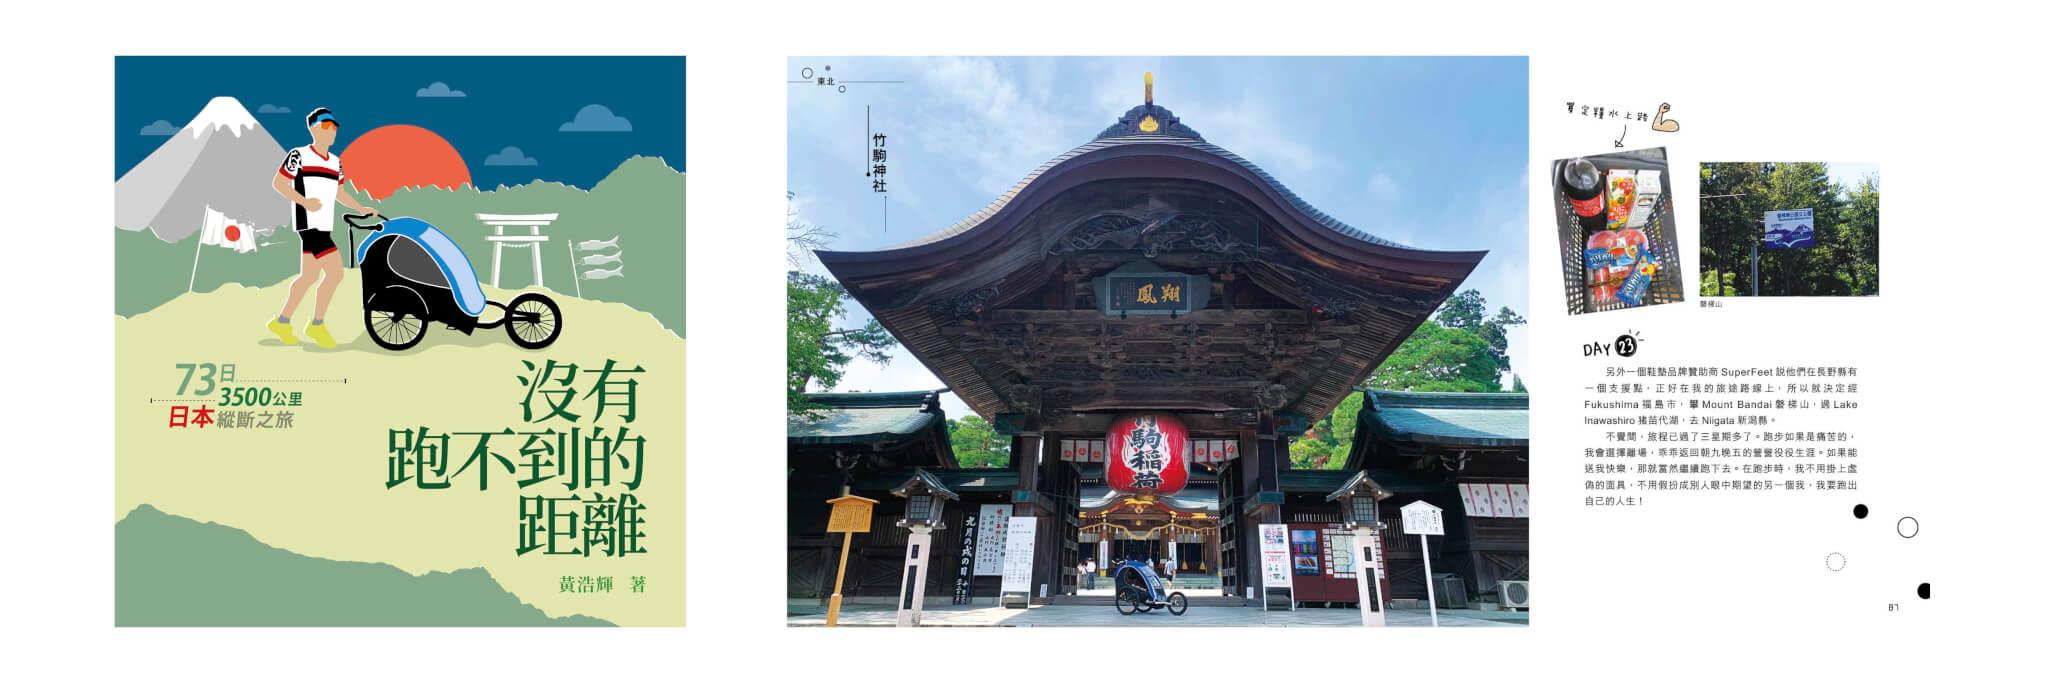 黃浩輝的新書《沒有跑不到的距離—日本篇》近日面世,當中除了提及日本賽事,也提議了一些素食貼士及建議。(訂購:http://bit.ly/3s1xSxN)